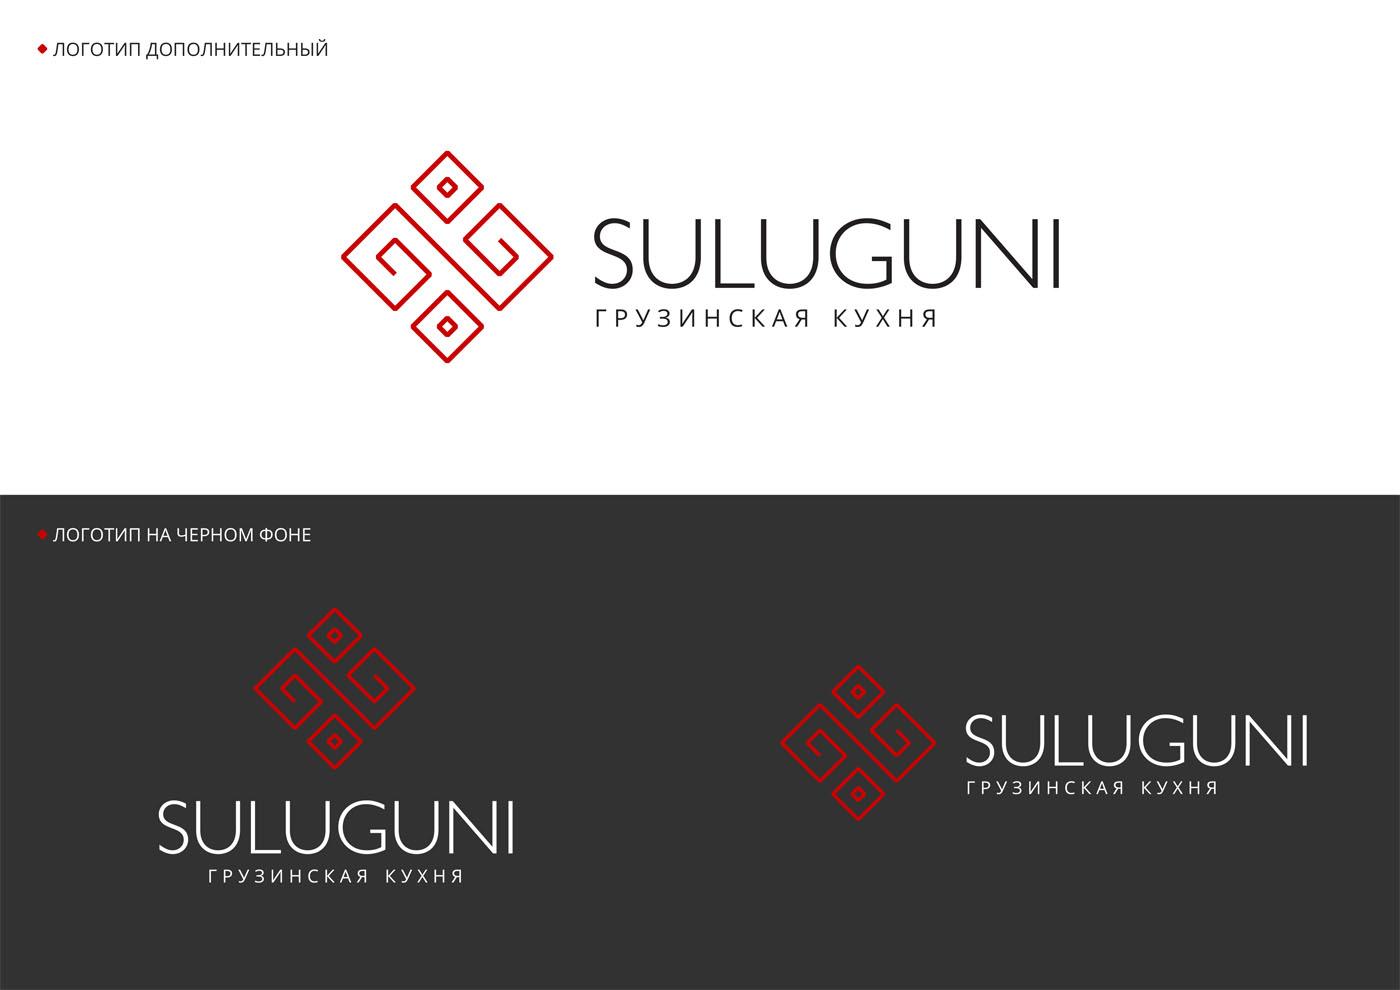 Фирменный стиль и логотип для ресторана грузинской кухни Сулугуни в Киеве